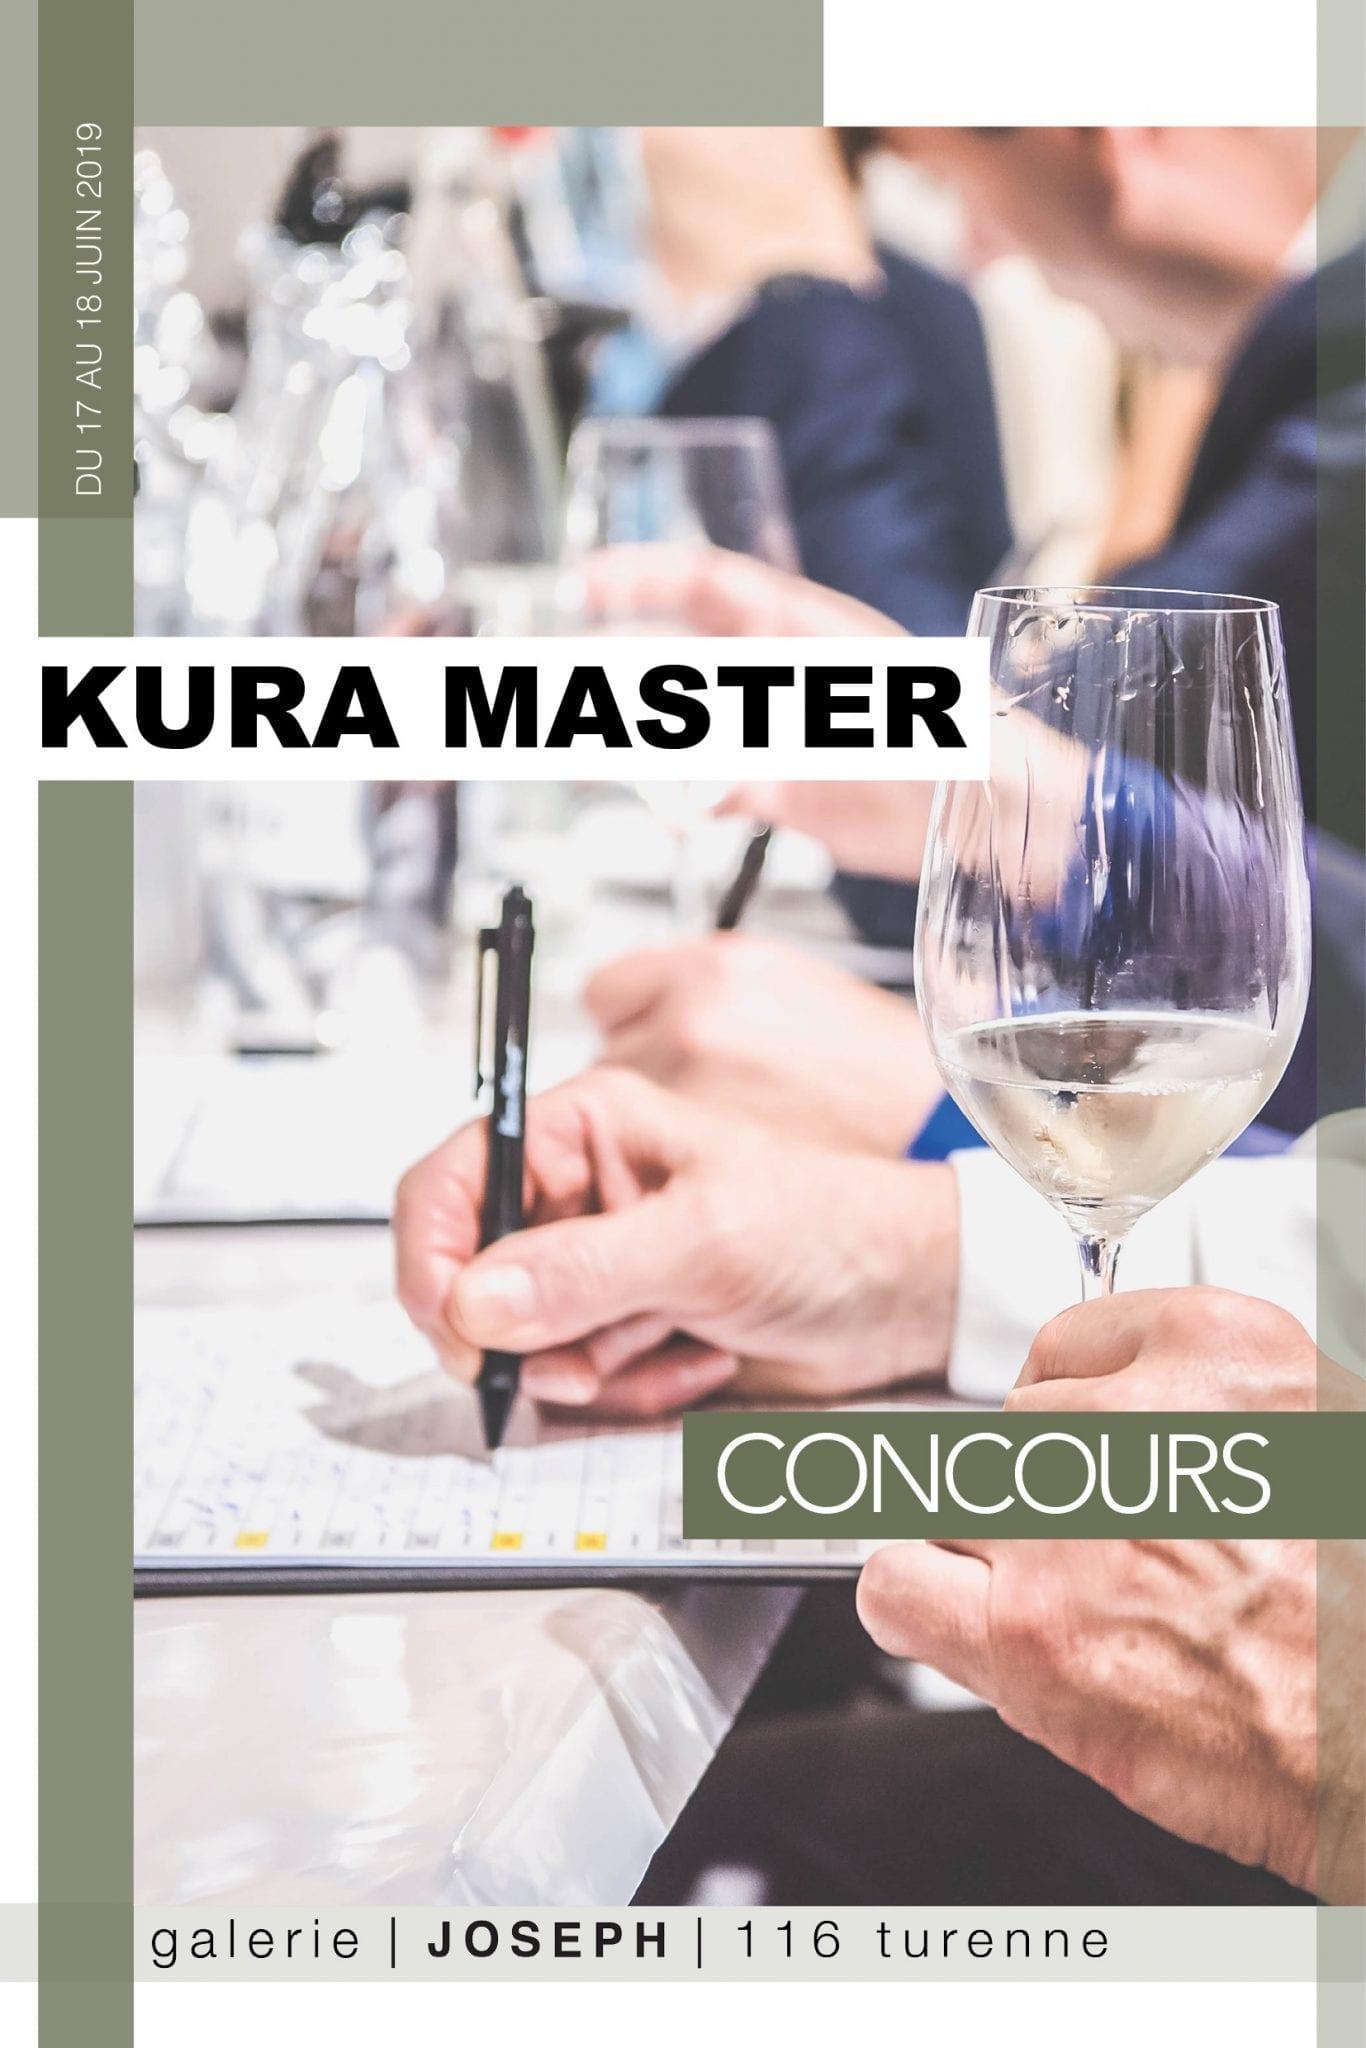 Kura Master